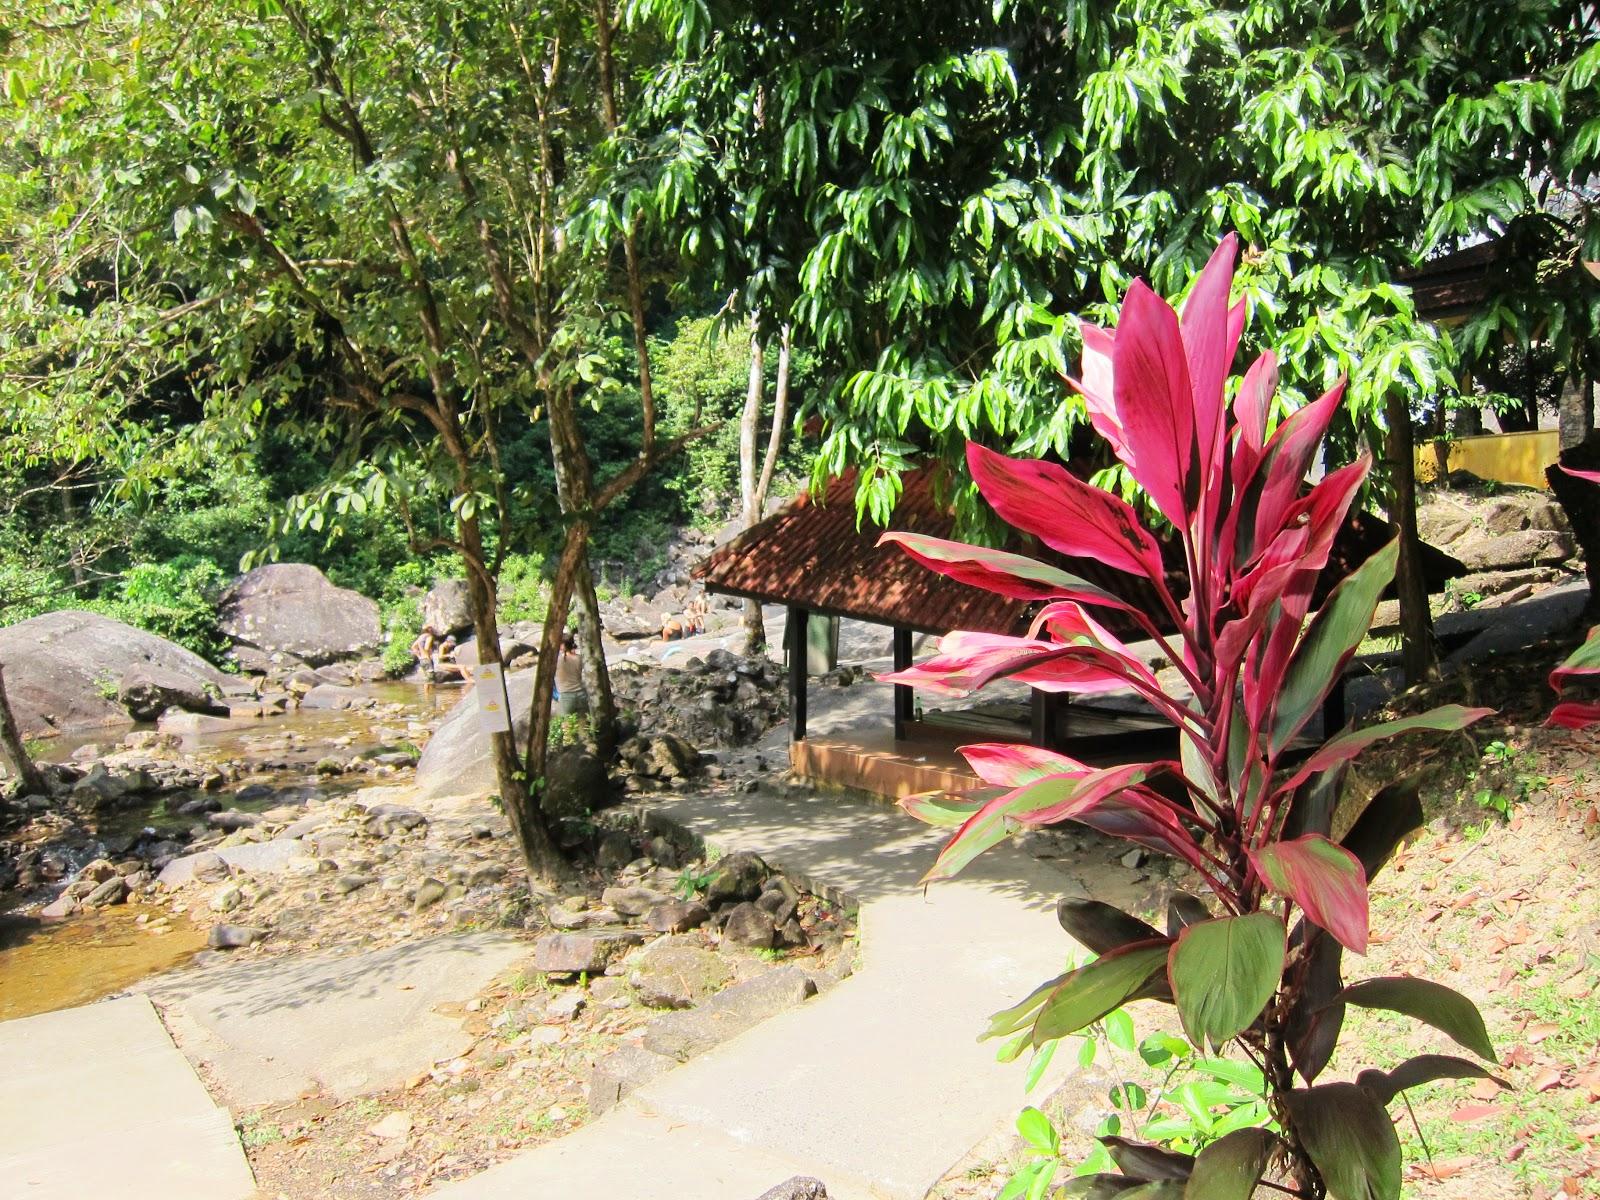 Seven Wells, eller Telaga Tujuh, är ett vattenfall på Langkawi